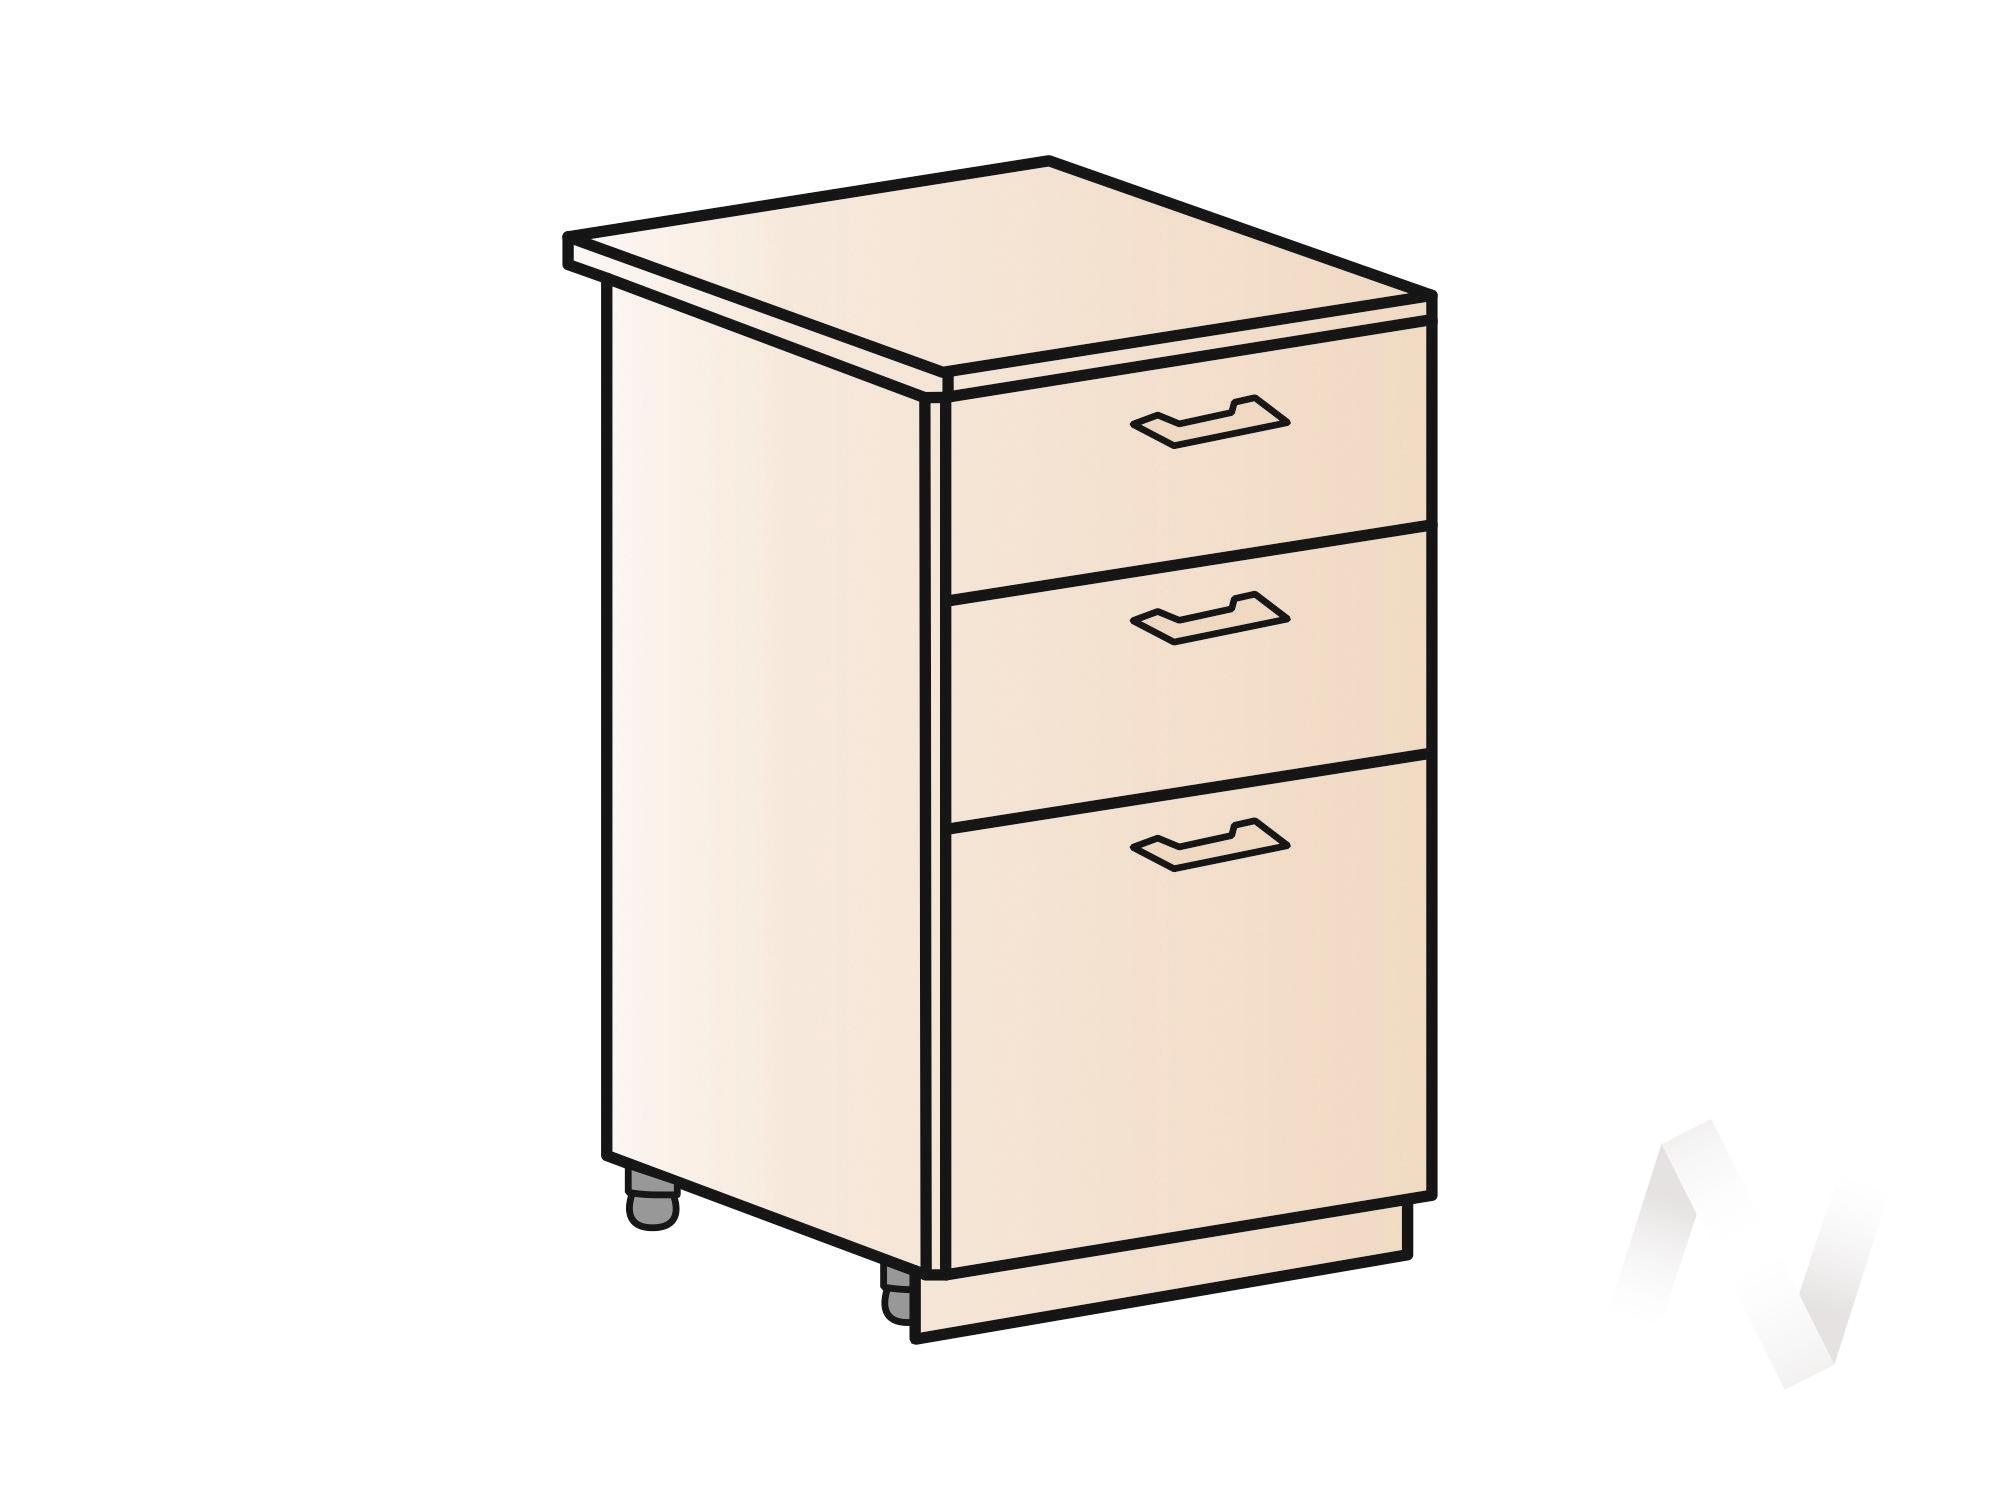 """Кухня """"Люкс"""": Шкаф нижний с 3-мя ящиками 500, ШН3Я 500 (Шелк венге/корпус венге) в Томске — авторская мебель Экостиль"""